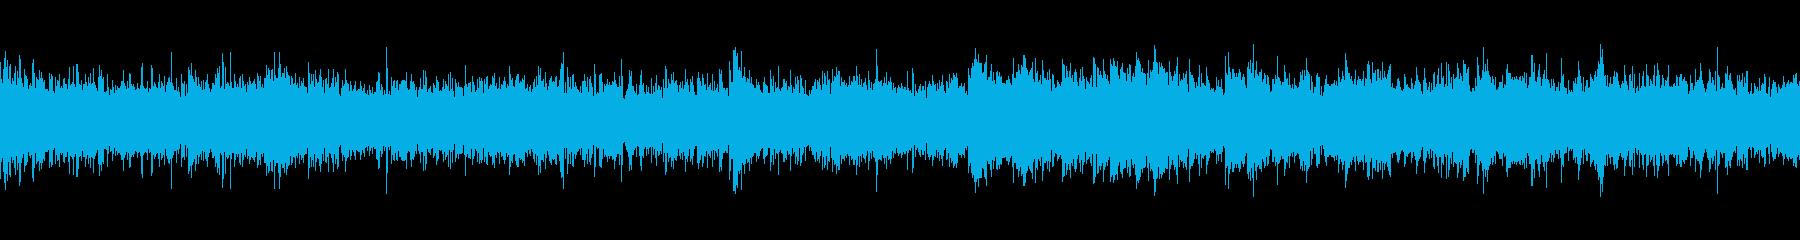 科学番組BGM♪タイムラプス動画にも!の再生済みの波形